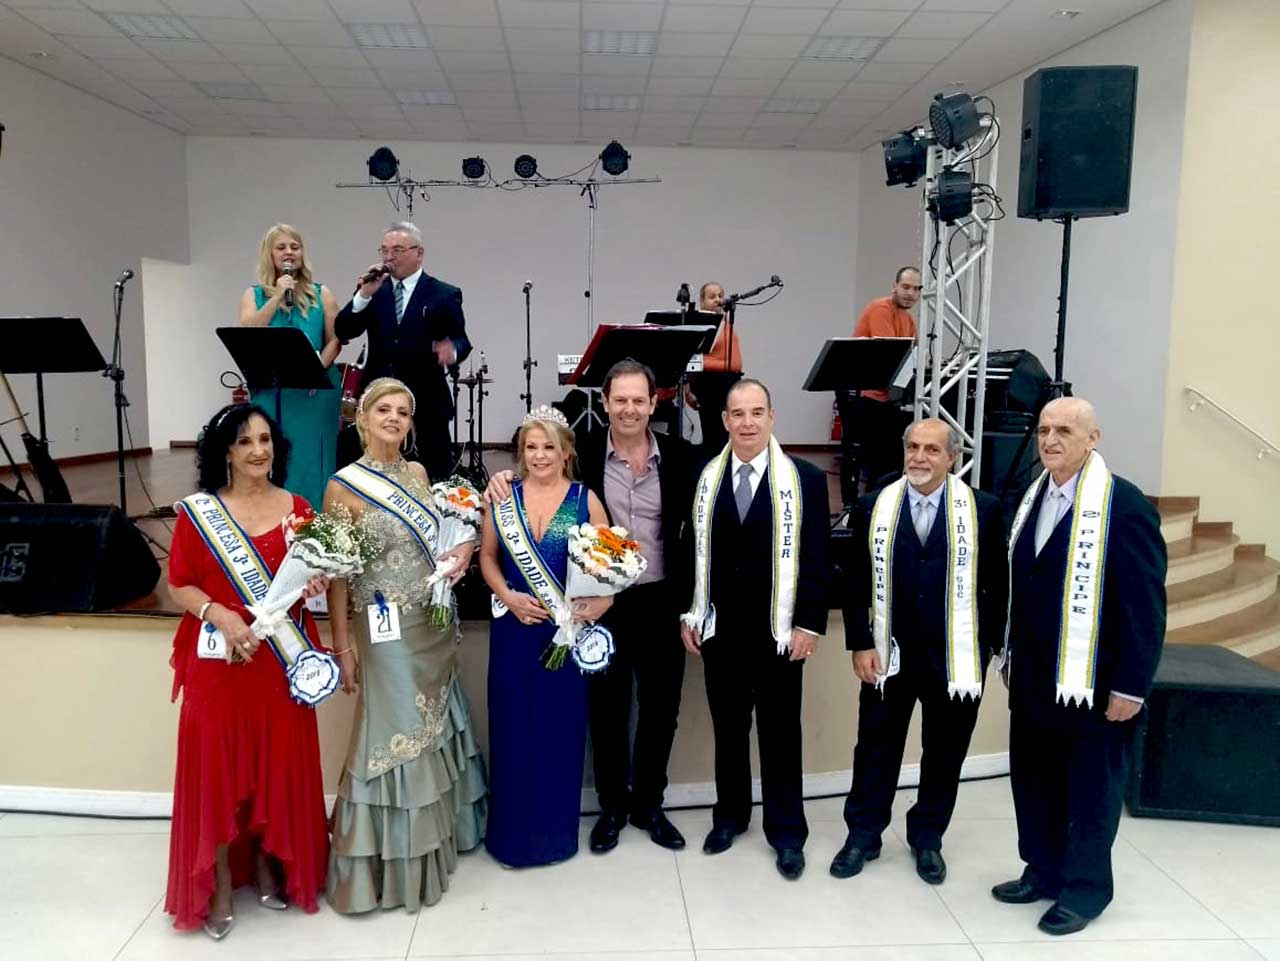 Vencedores vão representar a cidade no Concurso Miss e Mister Terceira Idade do Estado de São Paulo